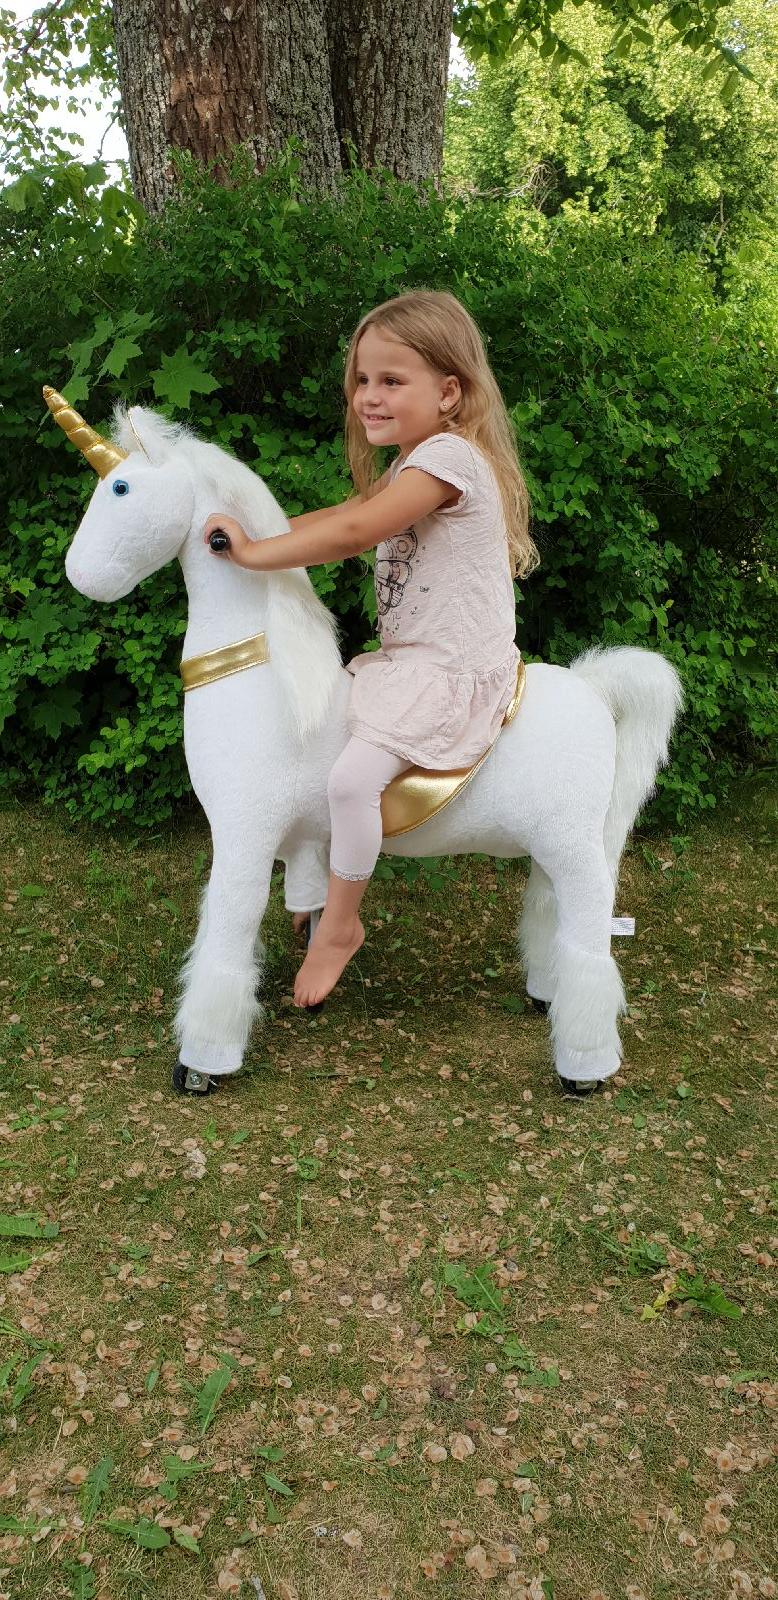 Vem vill inte ha en alldeles egen, ridbar enhörning?